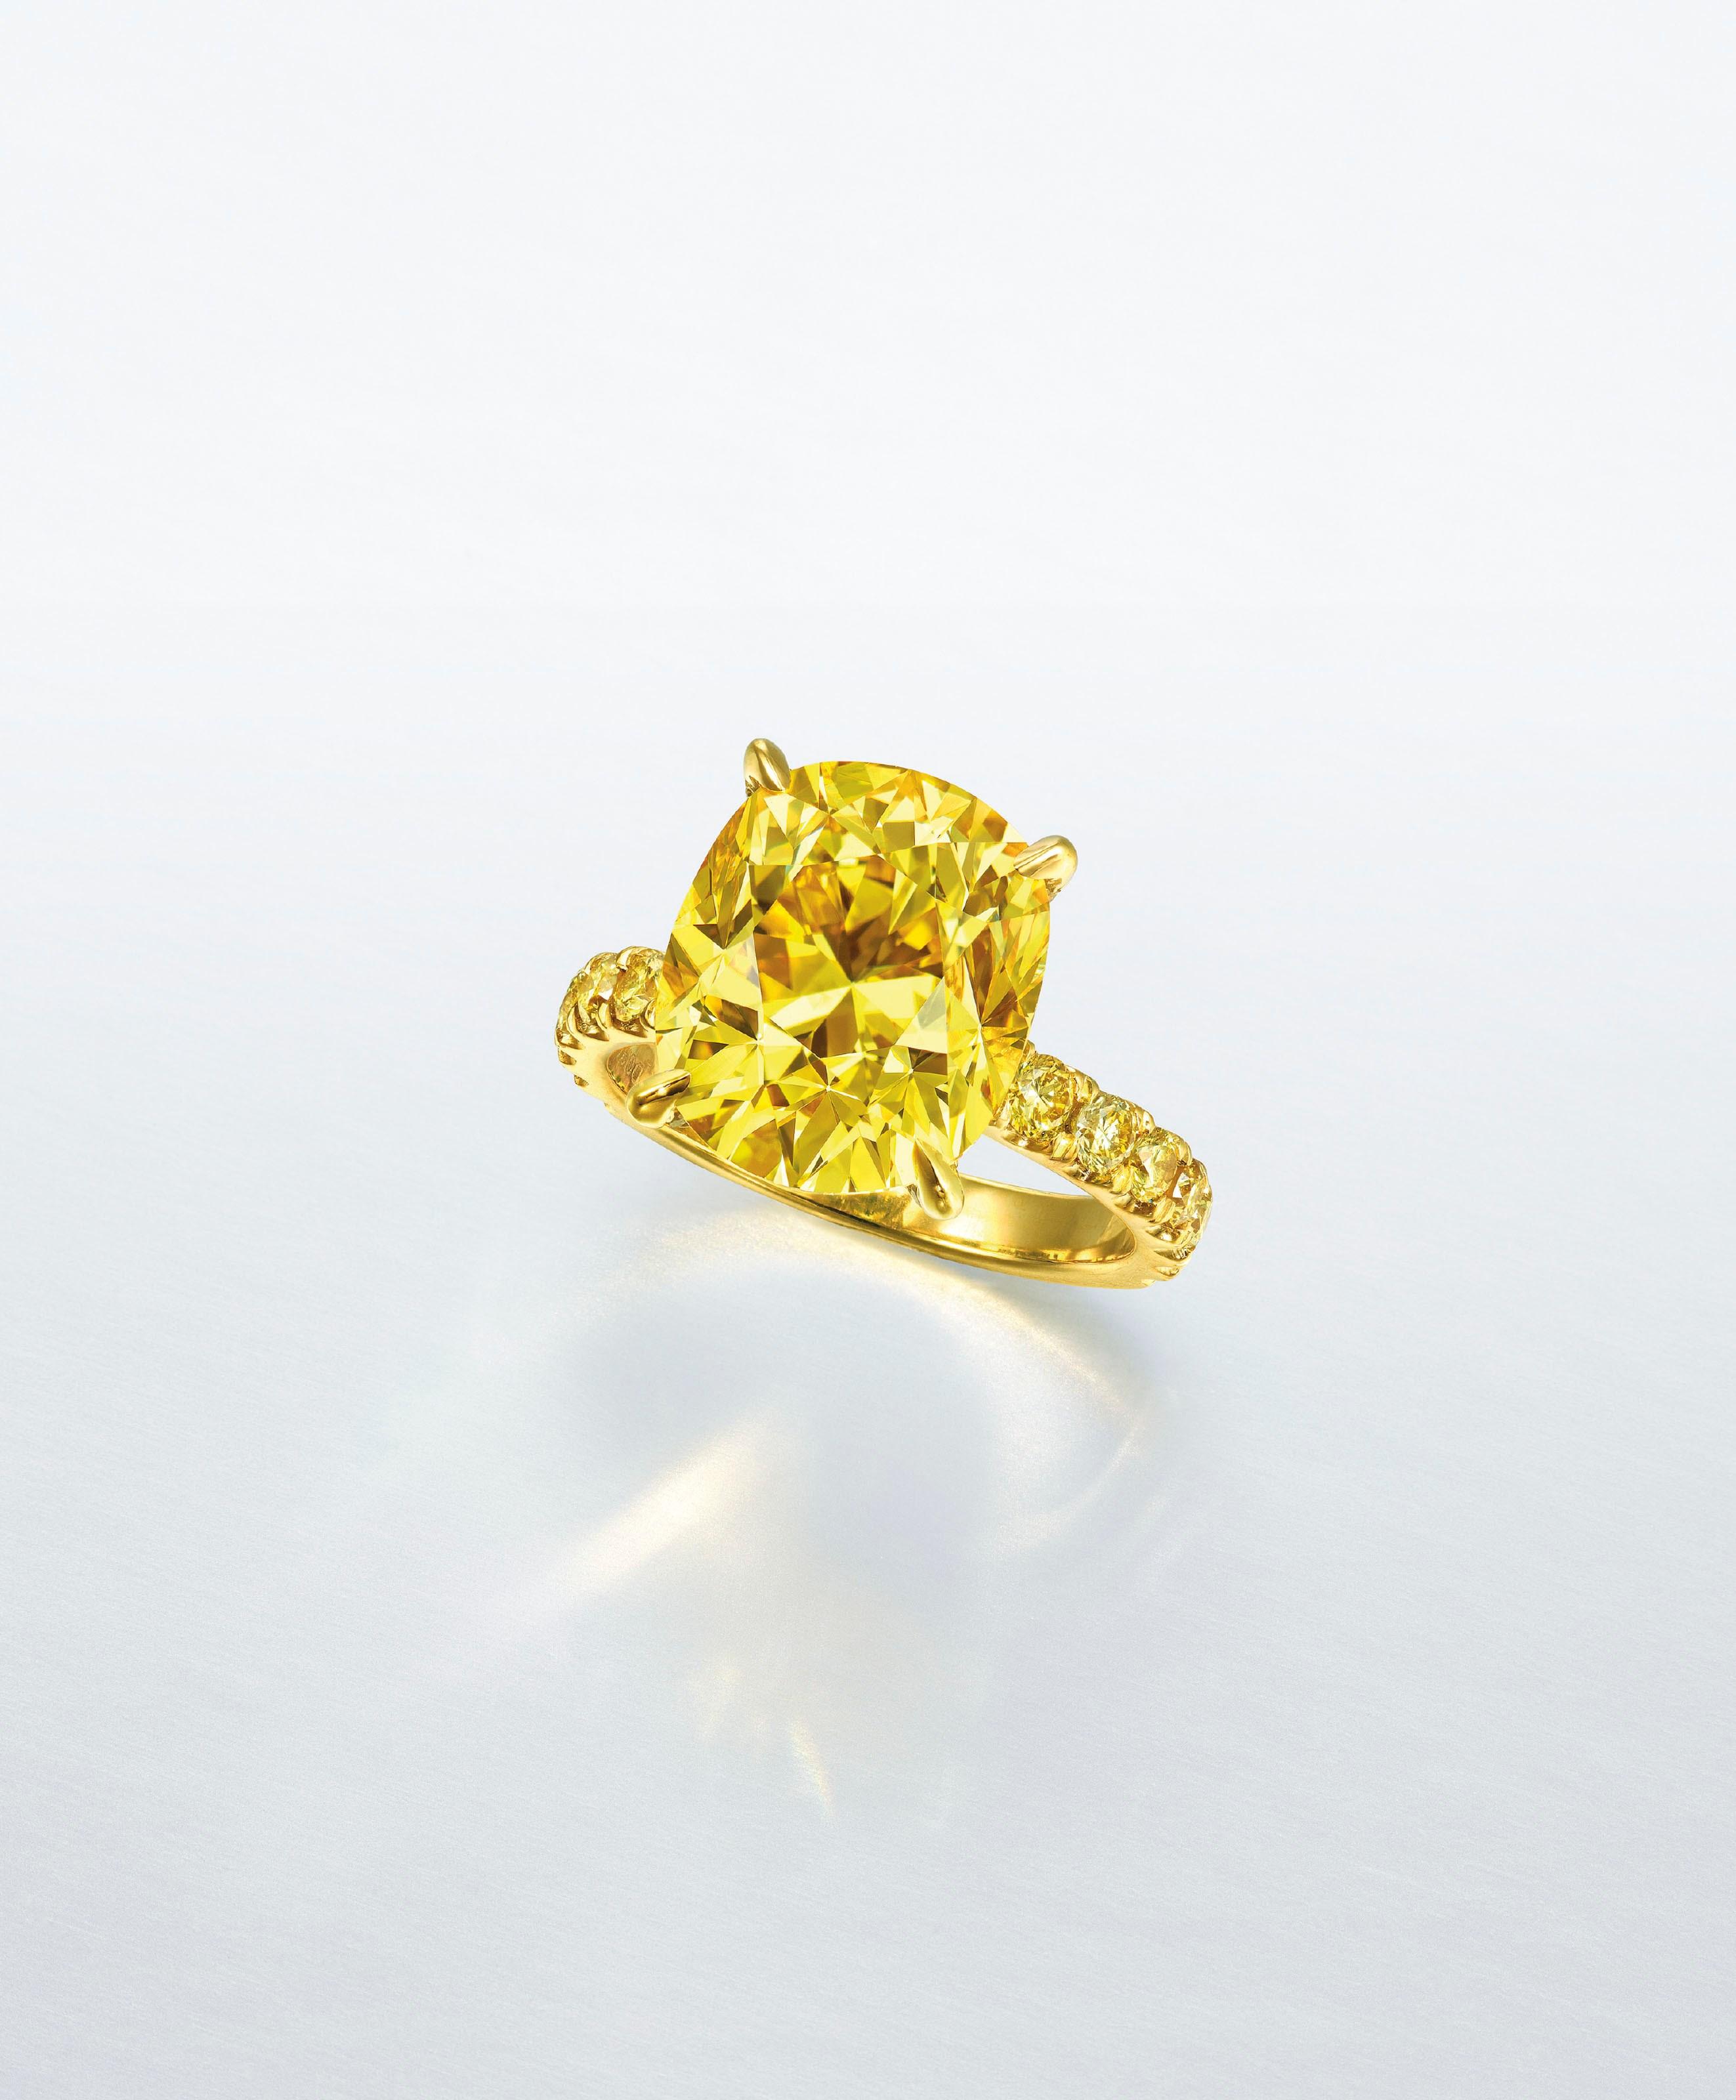 有色钻石戒指。7.03克拉枕形艳彩黃色VS2钻石戒指,附GIA,配钻石,镶金,戒指5 ¾号。此拍品于2020年7月9日在佳士得香港瑰丽珠宝及翡翠首饰拍卖中售出,成交价3,845,000港元